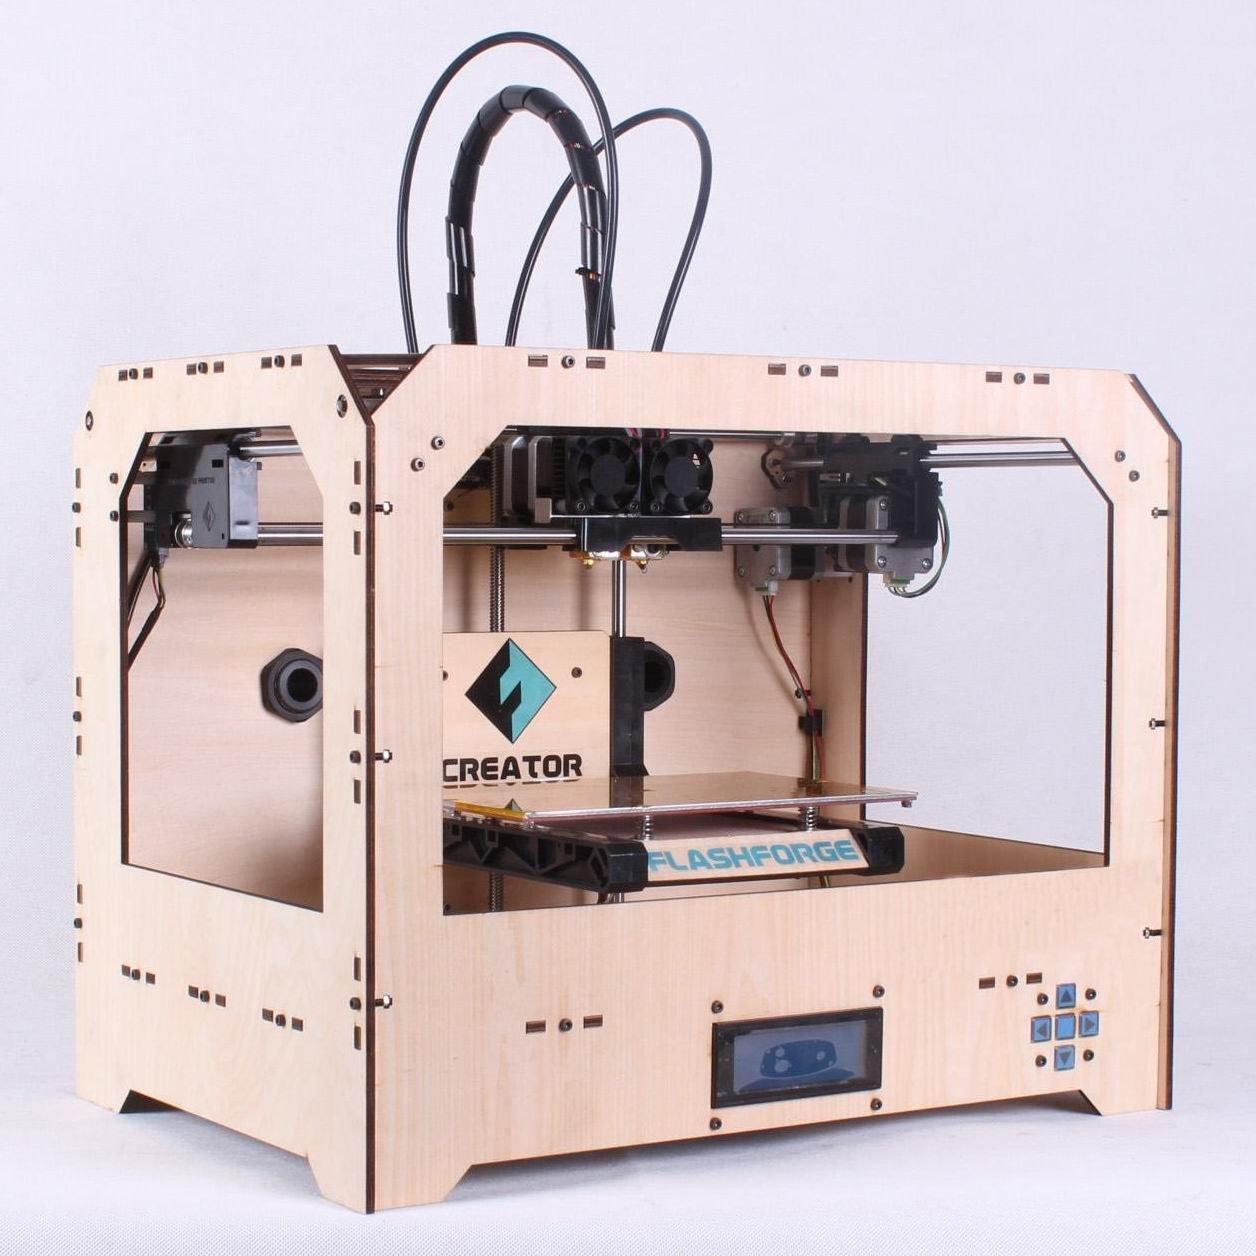 รีวิว เครื่องพิมพ์ 3 มิติ Flashforge Creator 2หัว 3D Printer